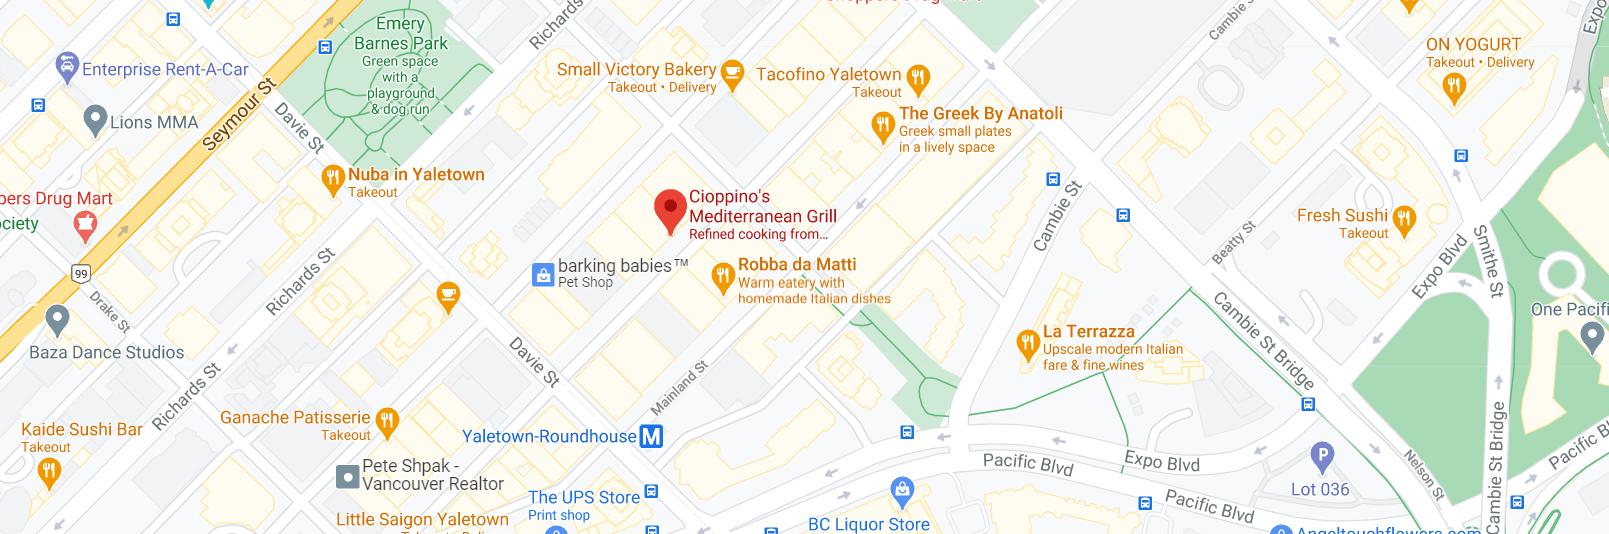 CinCin Ristorante + Bar